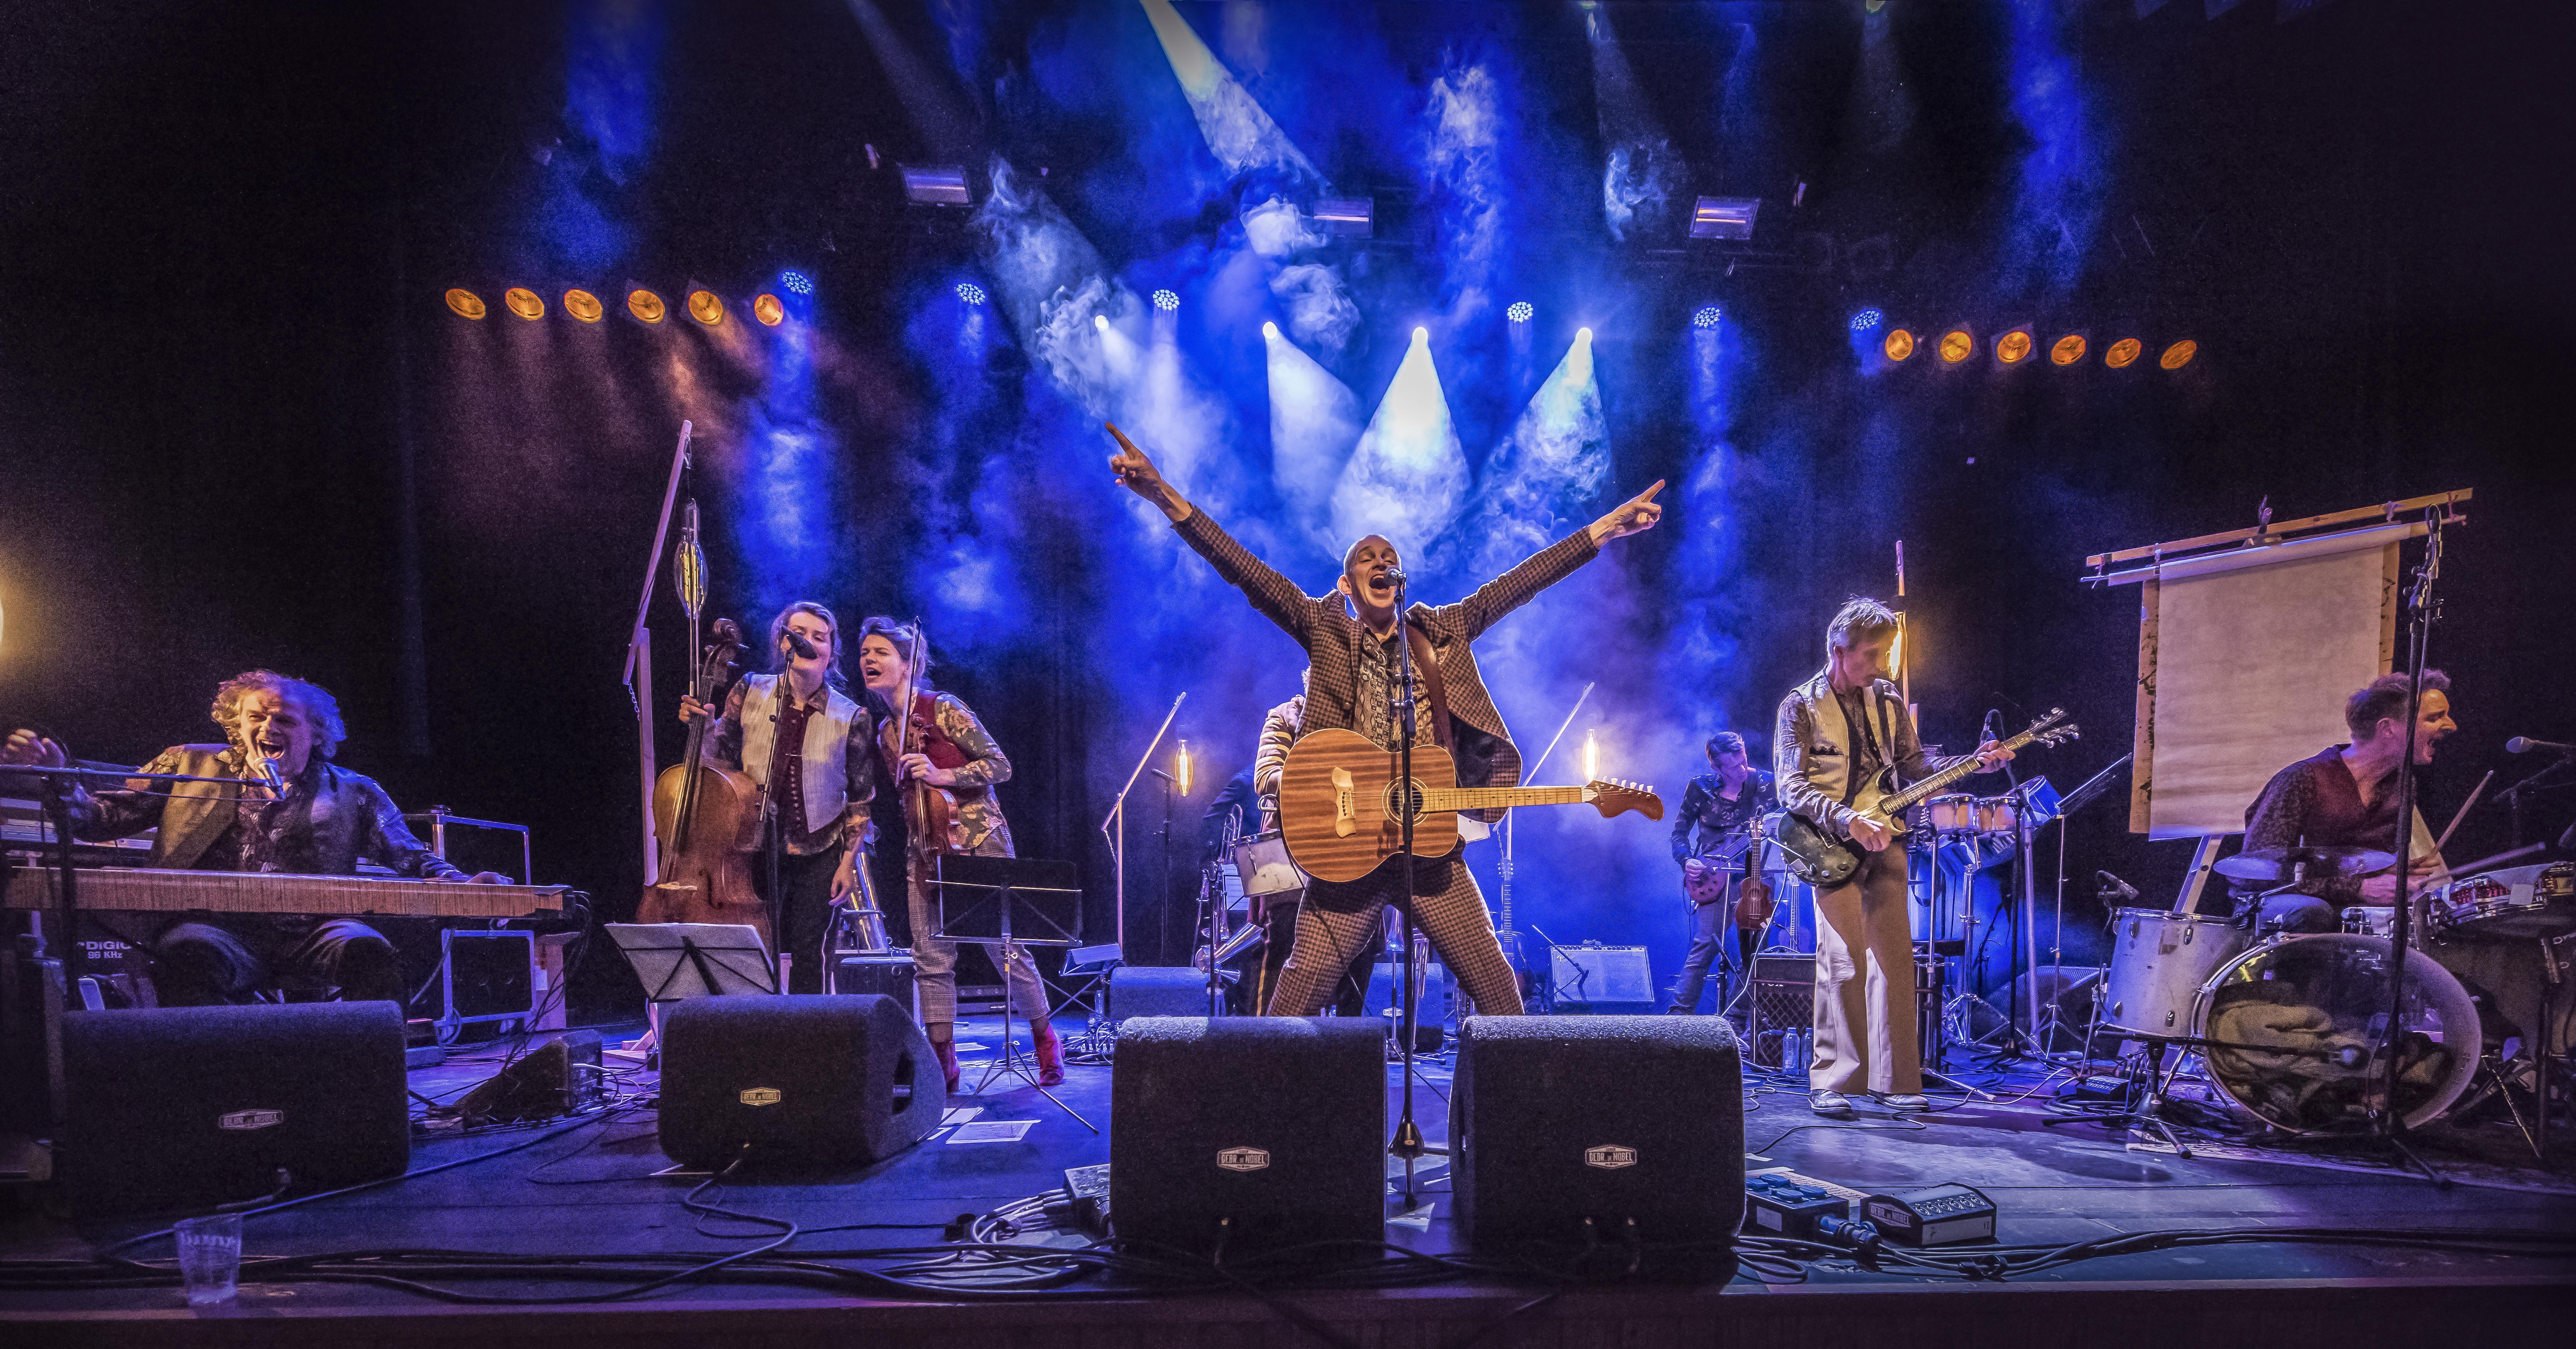 Hoogriet heet het nieuwe album van De Kift: 'Het is fijn om verward te worden' [video]